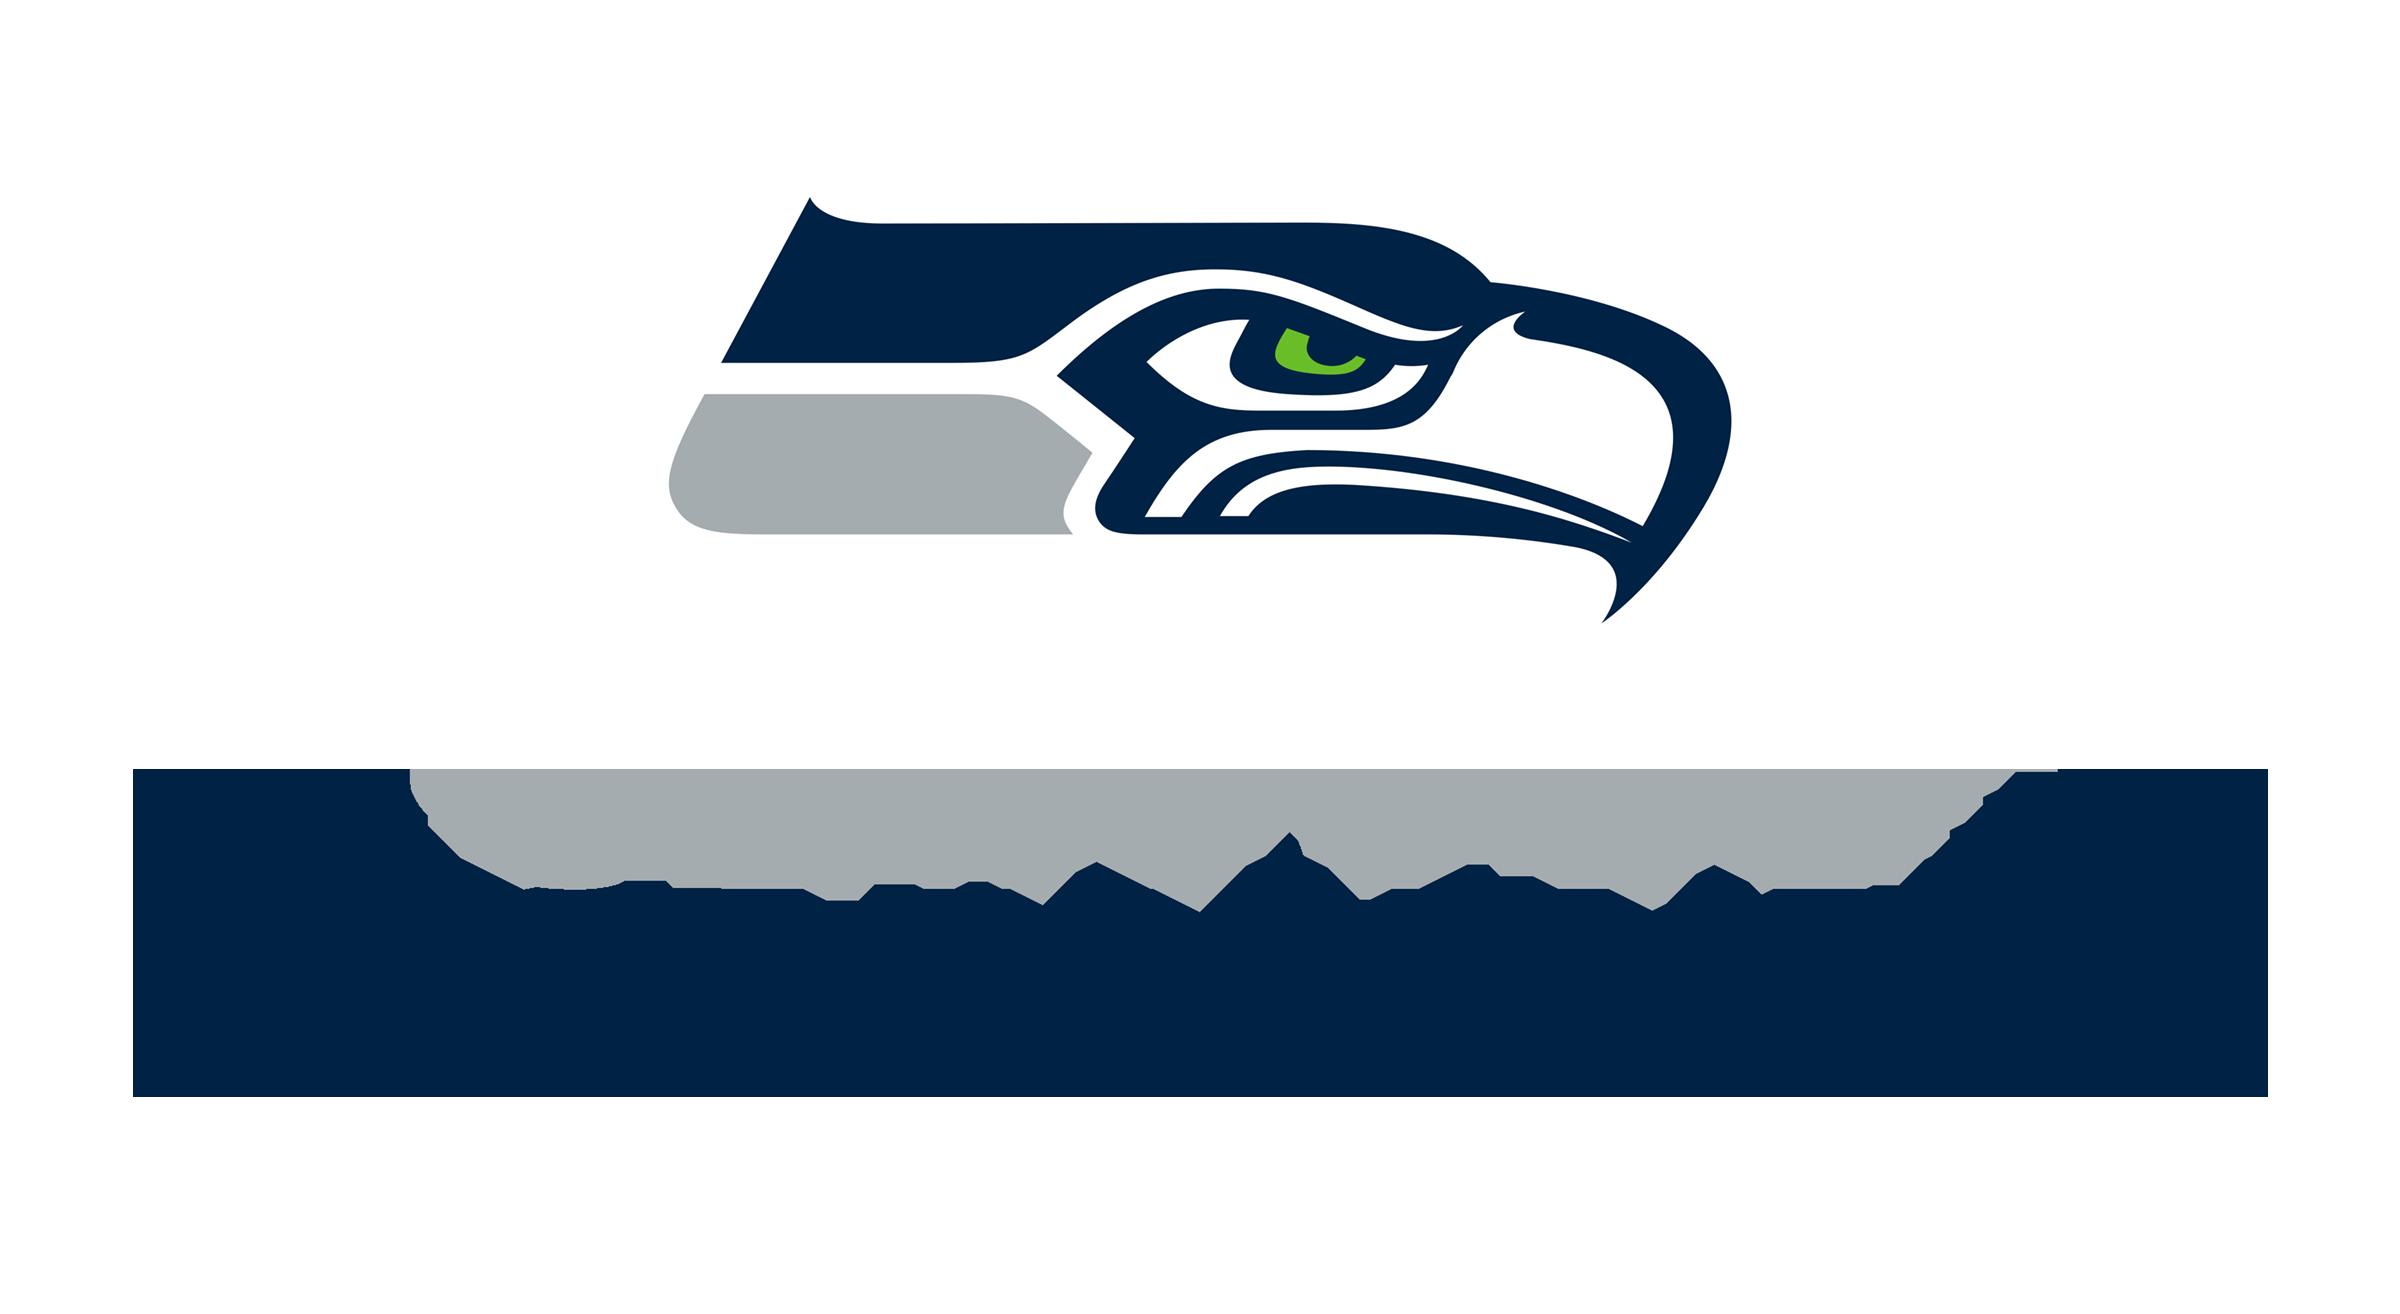 image Seahawks svg font. Seattle logo png transparent